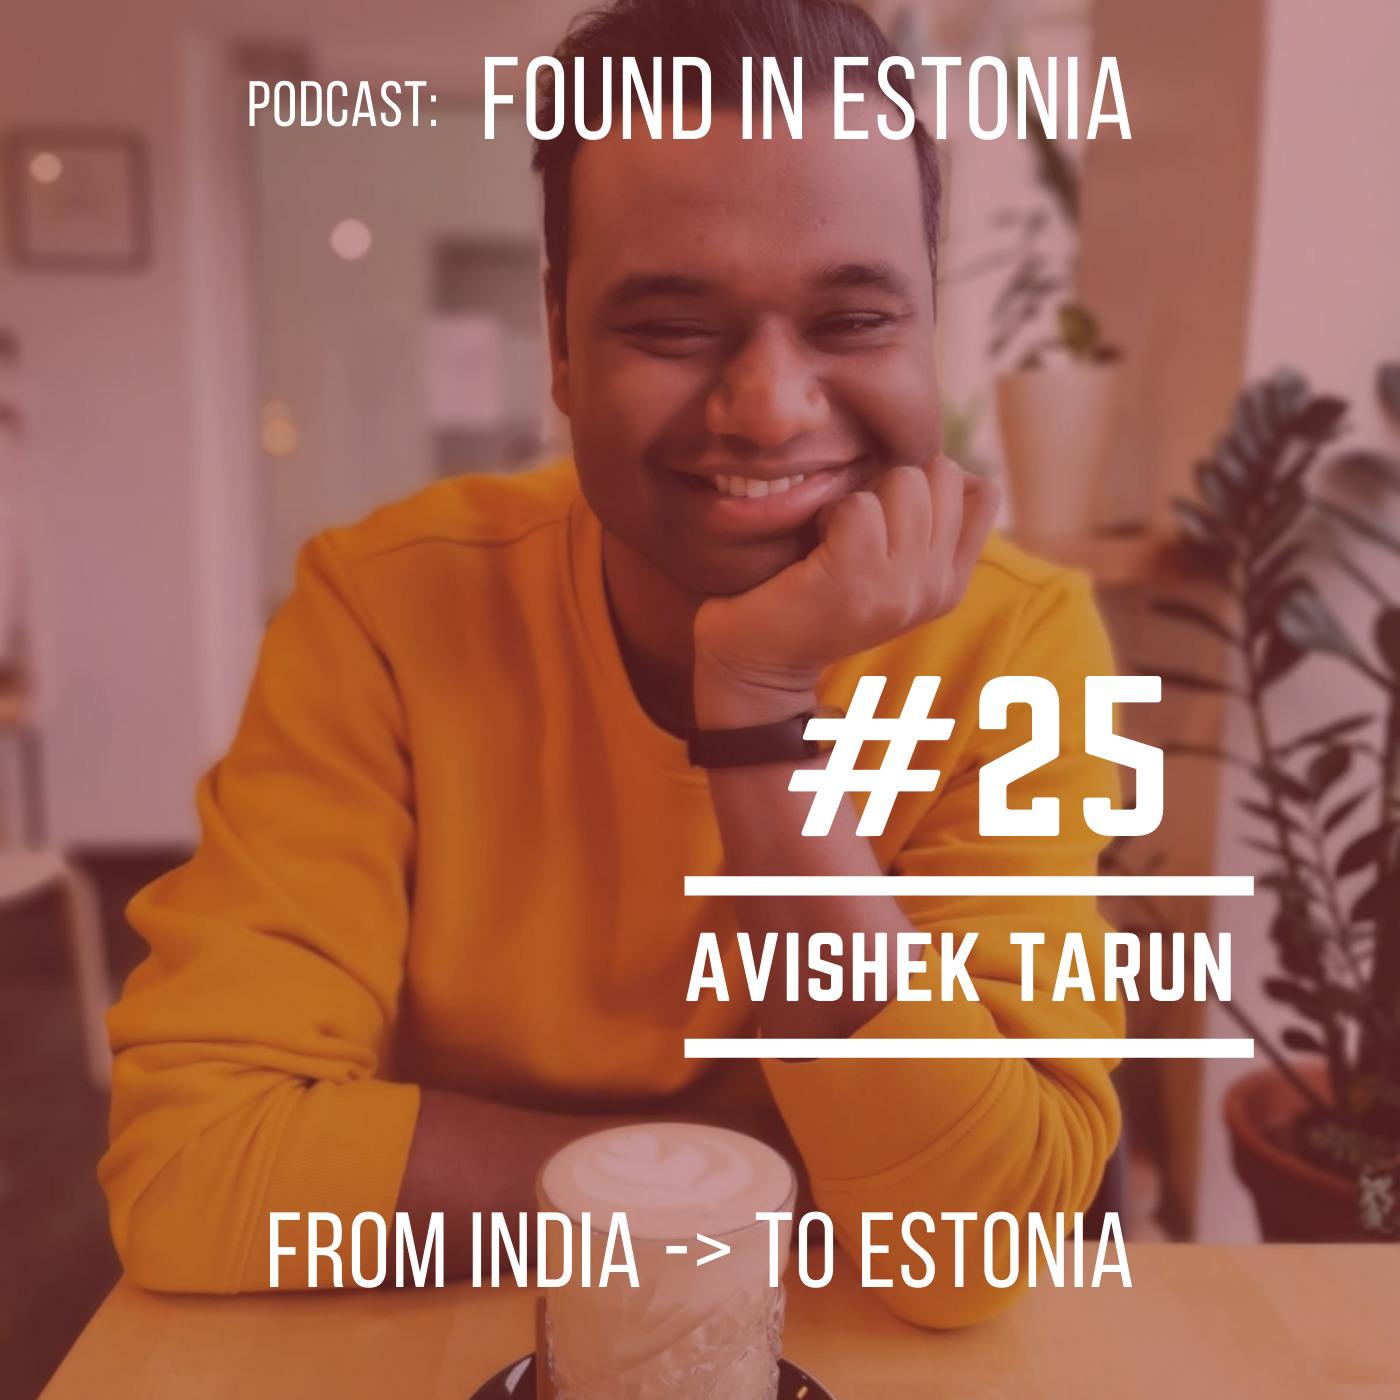 #25 Avishek Tarun from India to Estonia